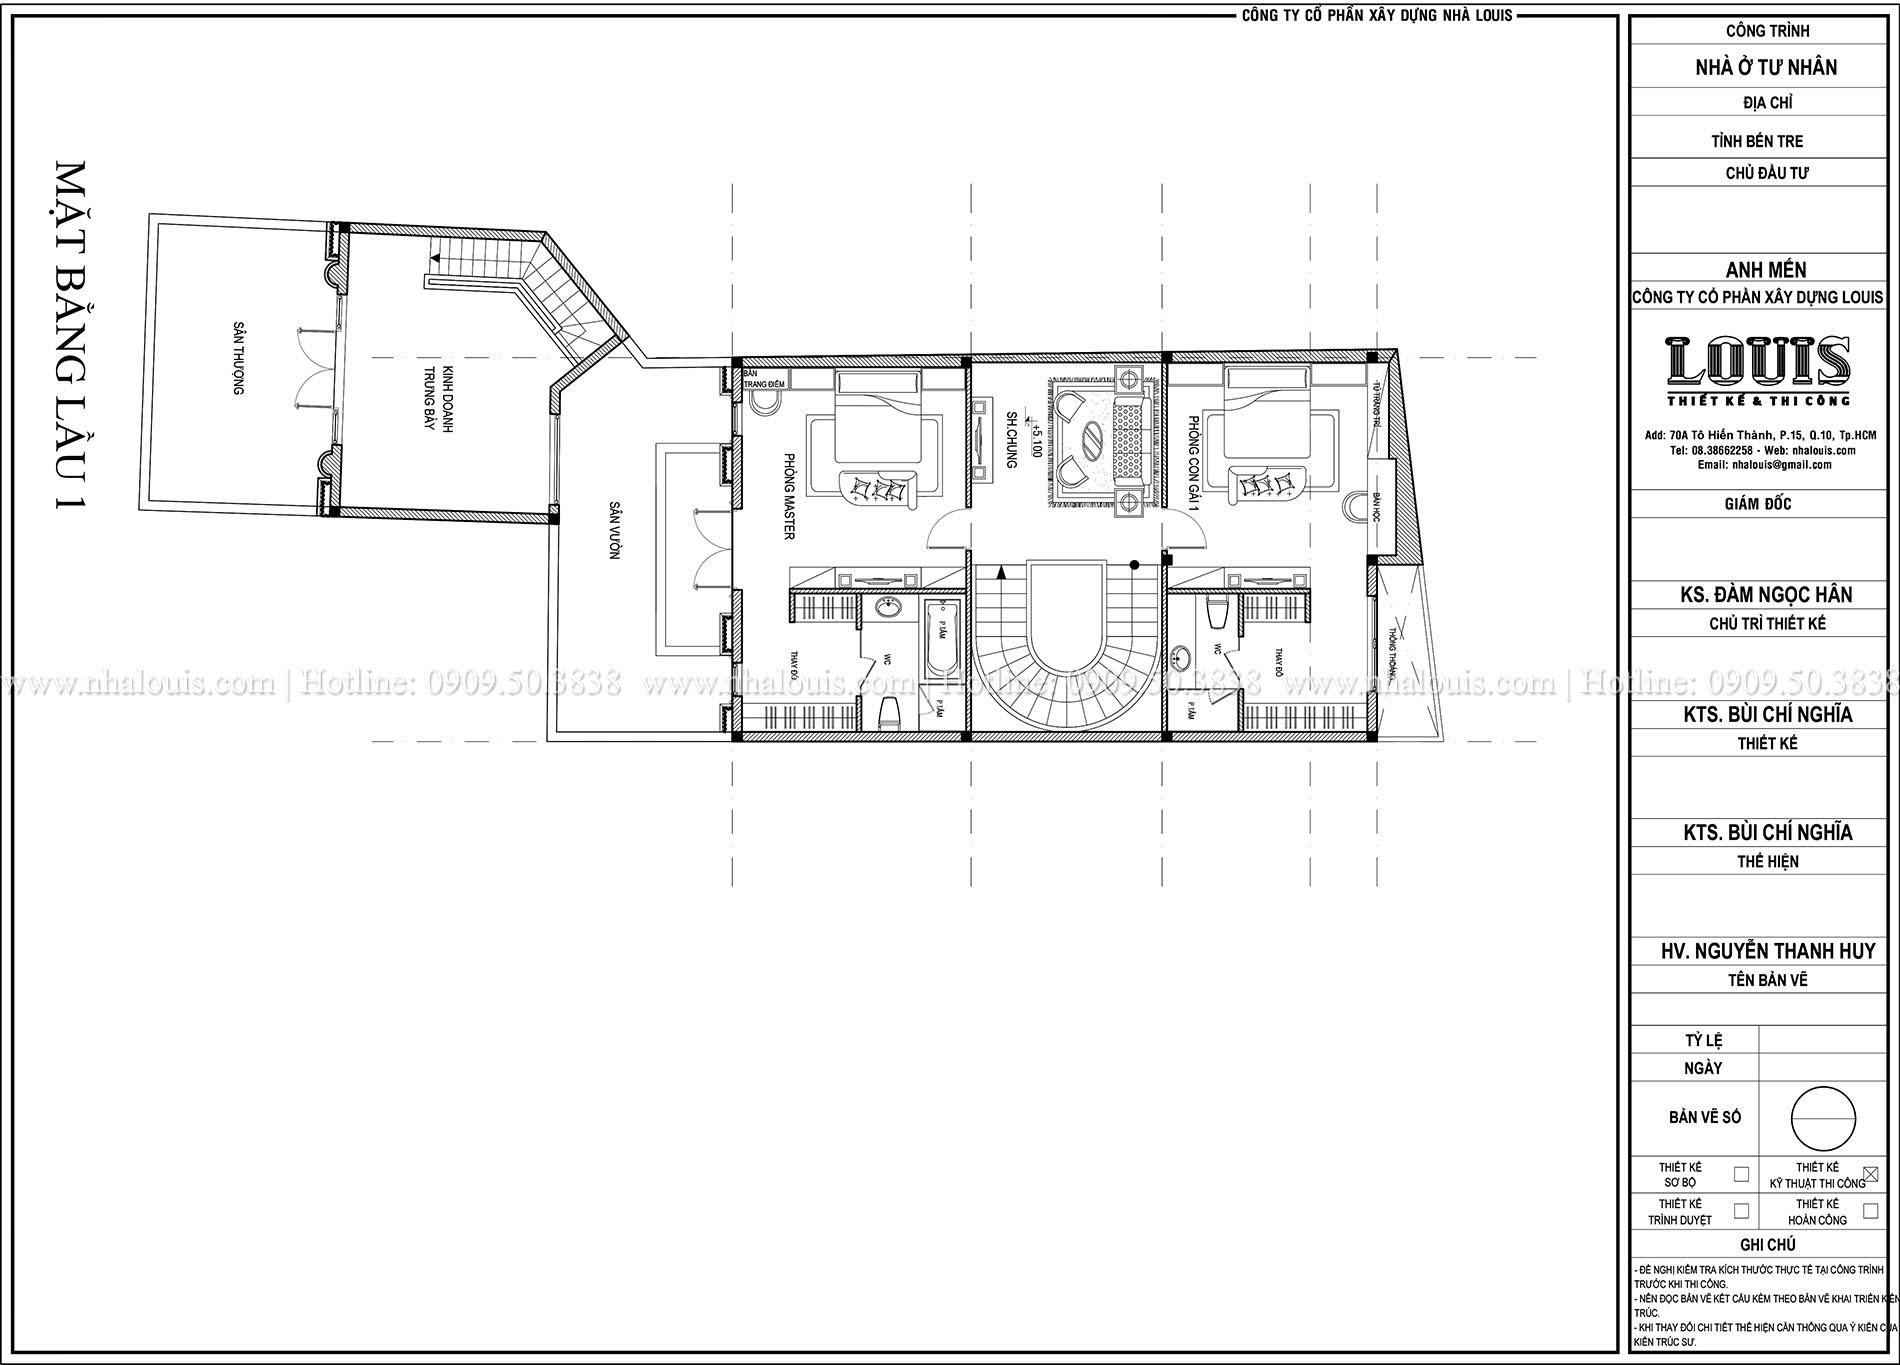 Mặt bằng lầu 1 biệt thự phong cách cổ điển châu Âu - 015 - 1